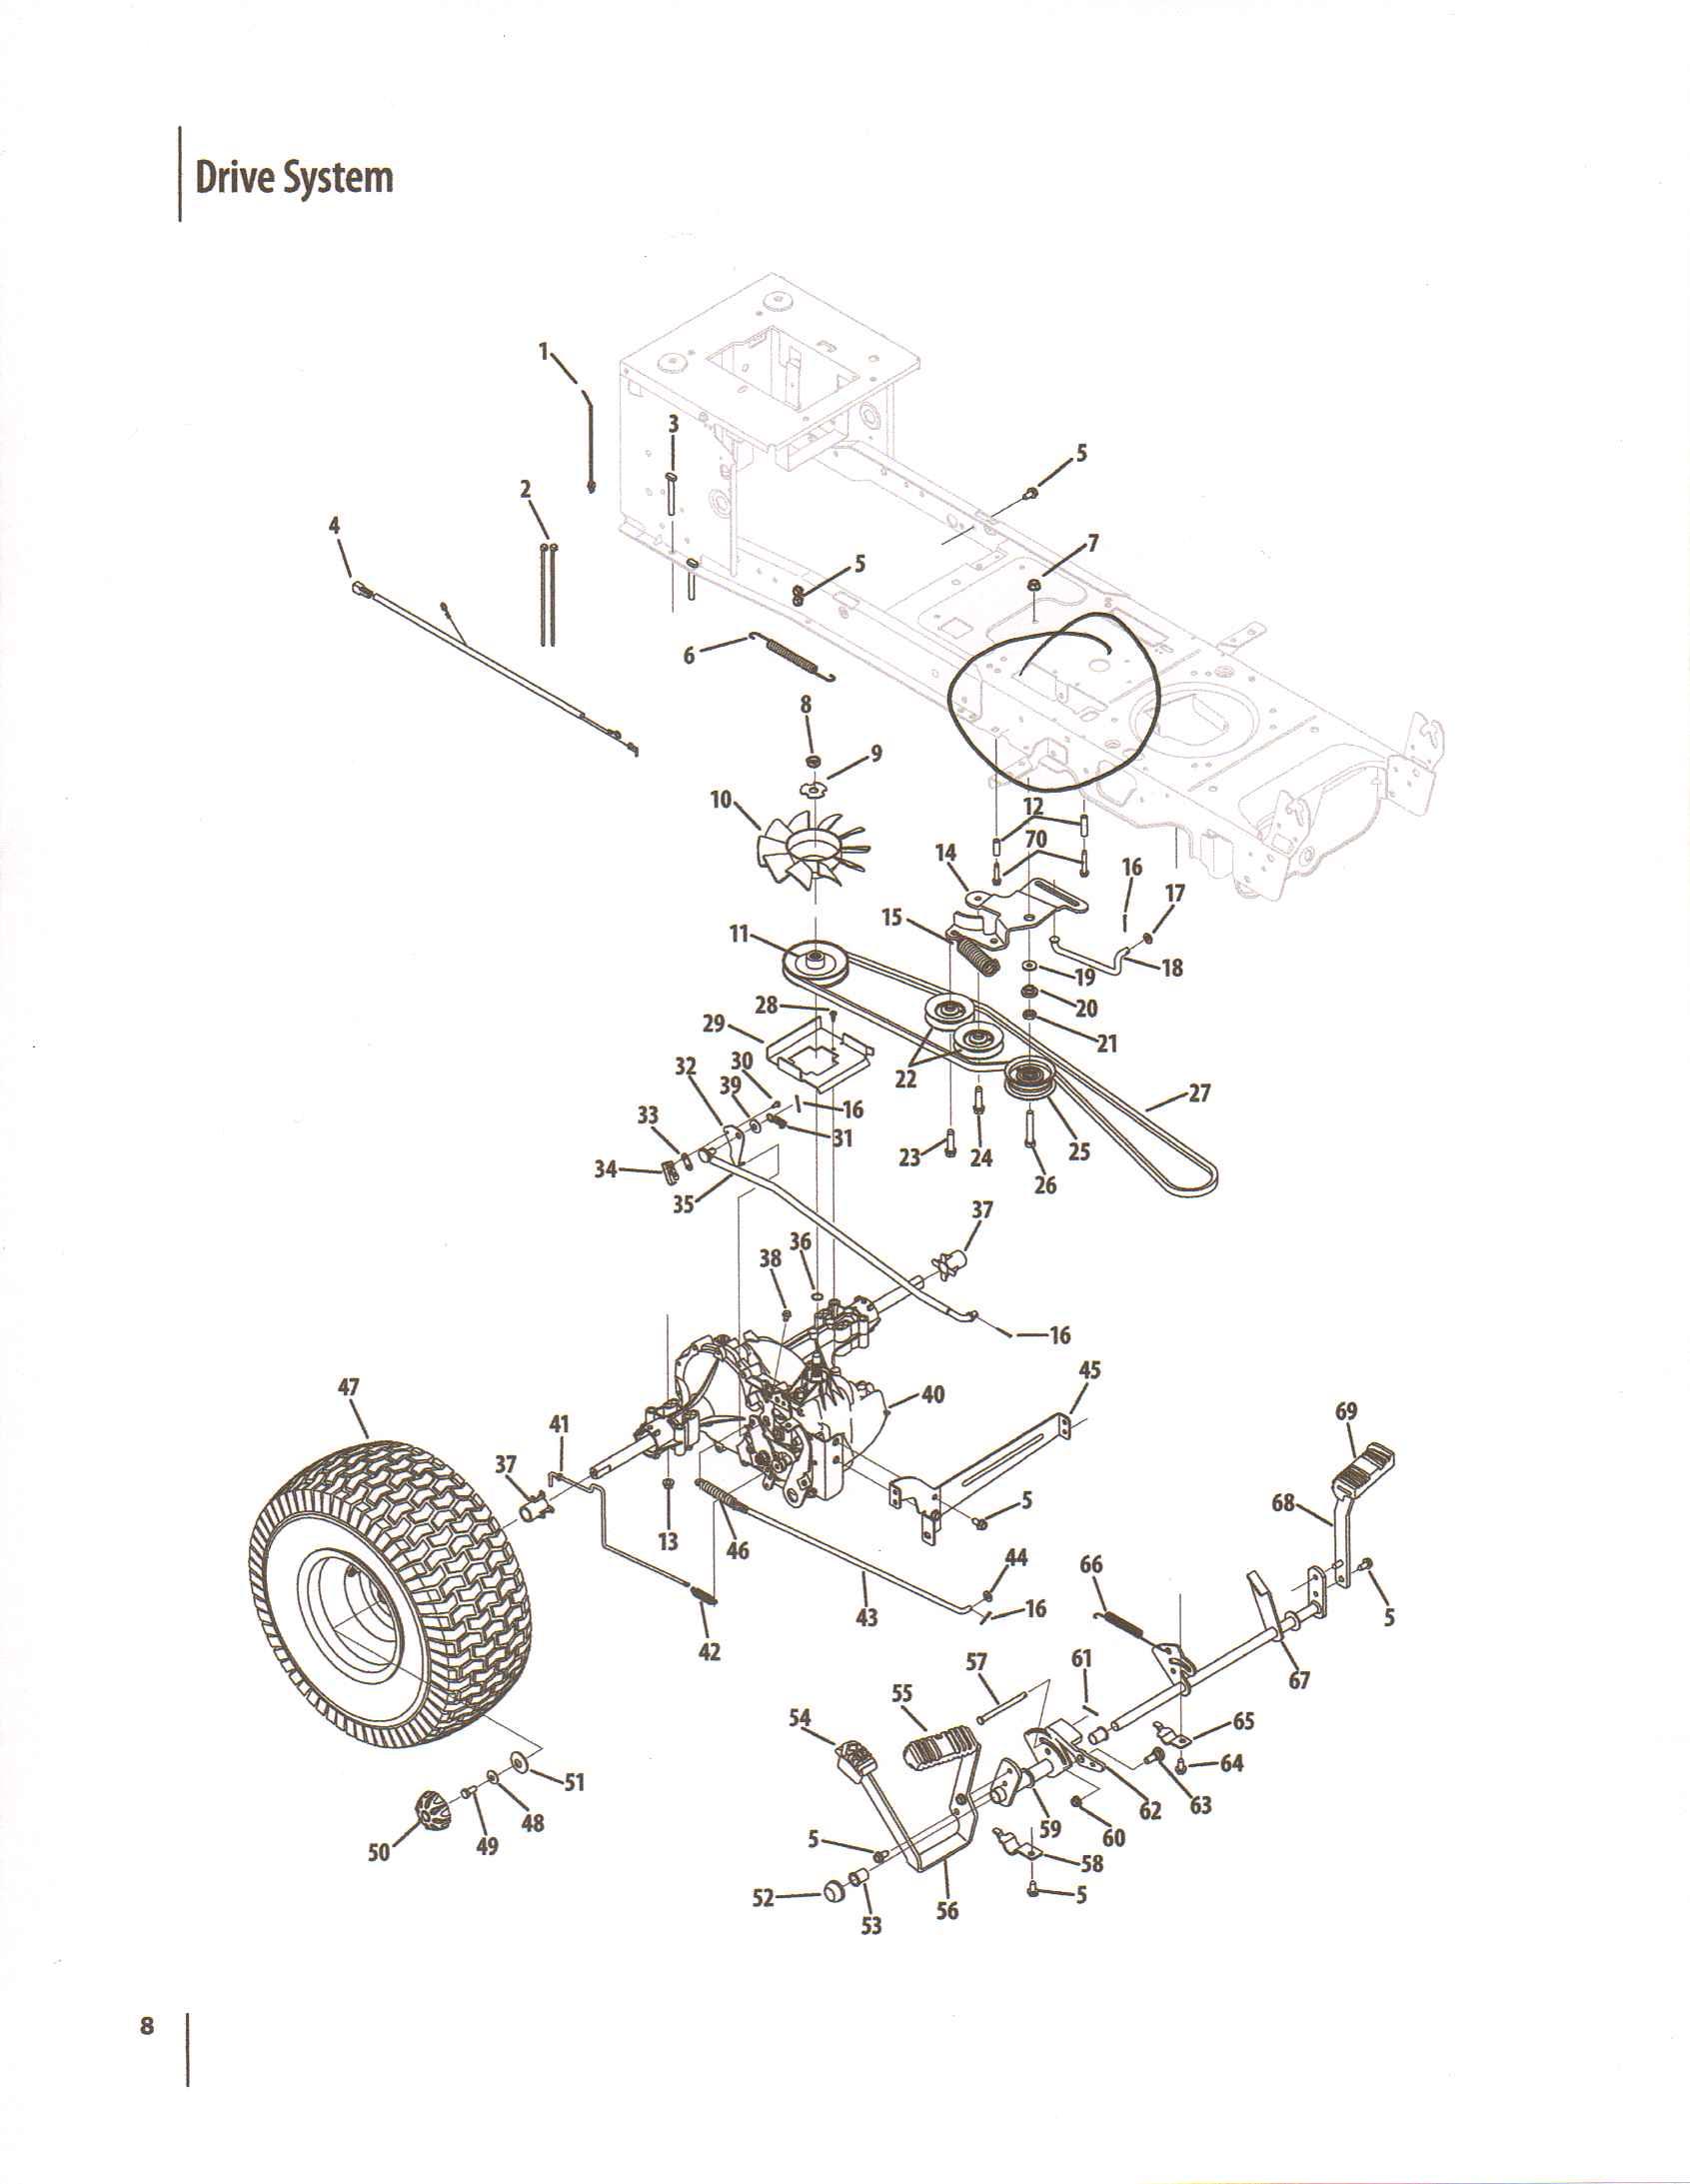 Cub Cadet Parts Diagrams - Wiring Diagrams Dock